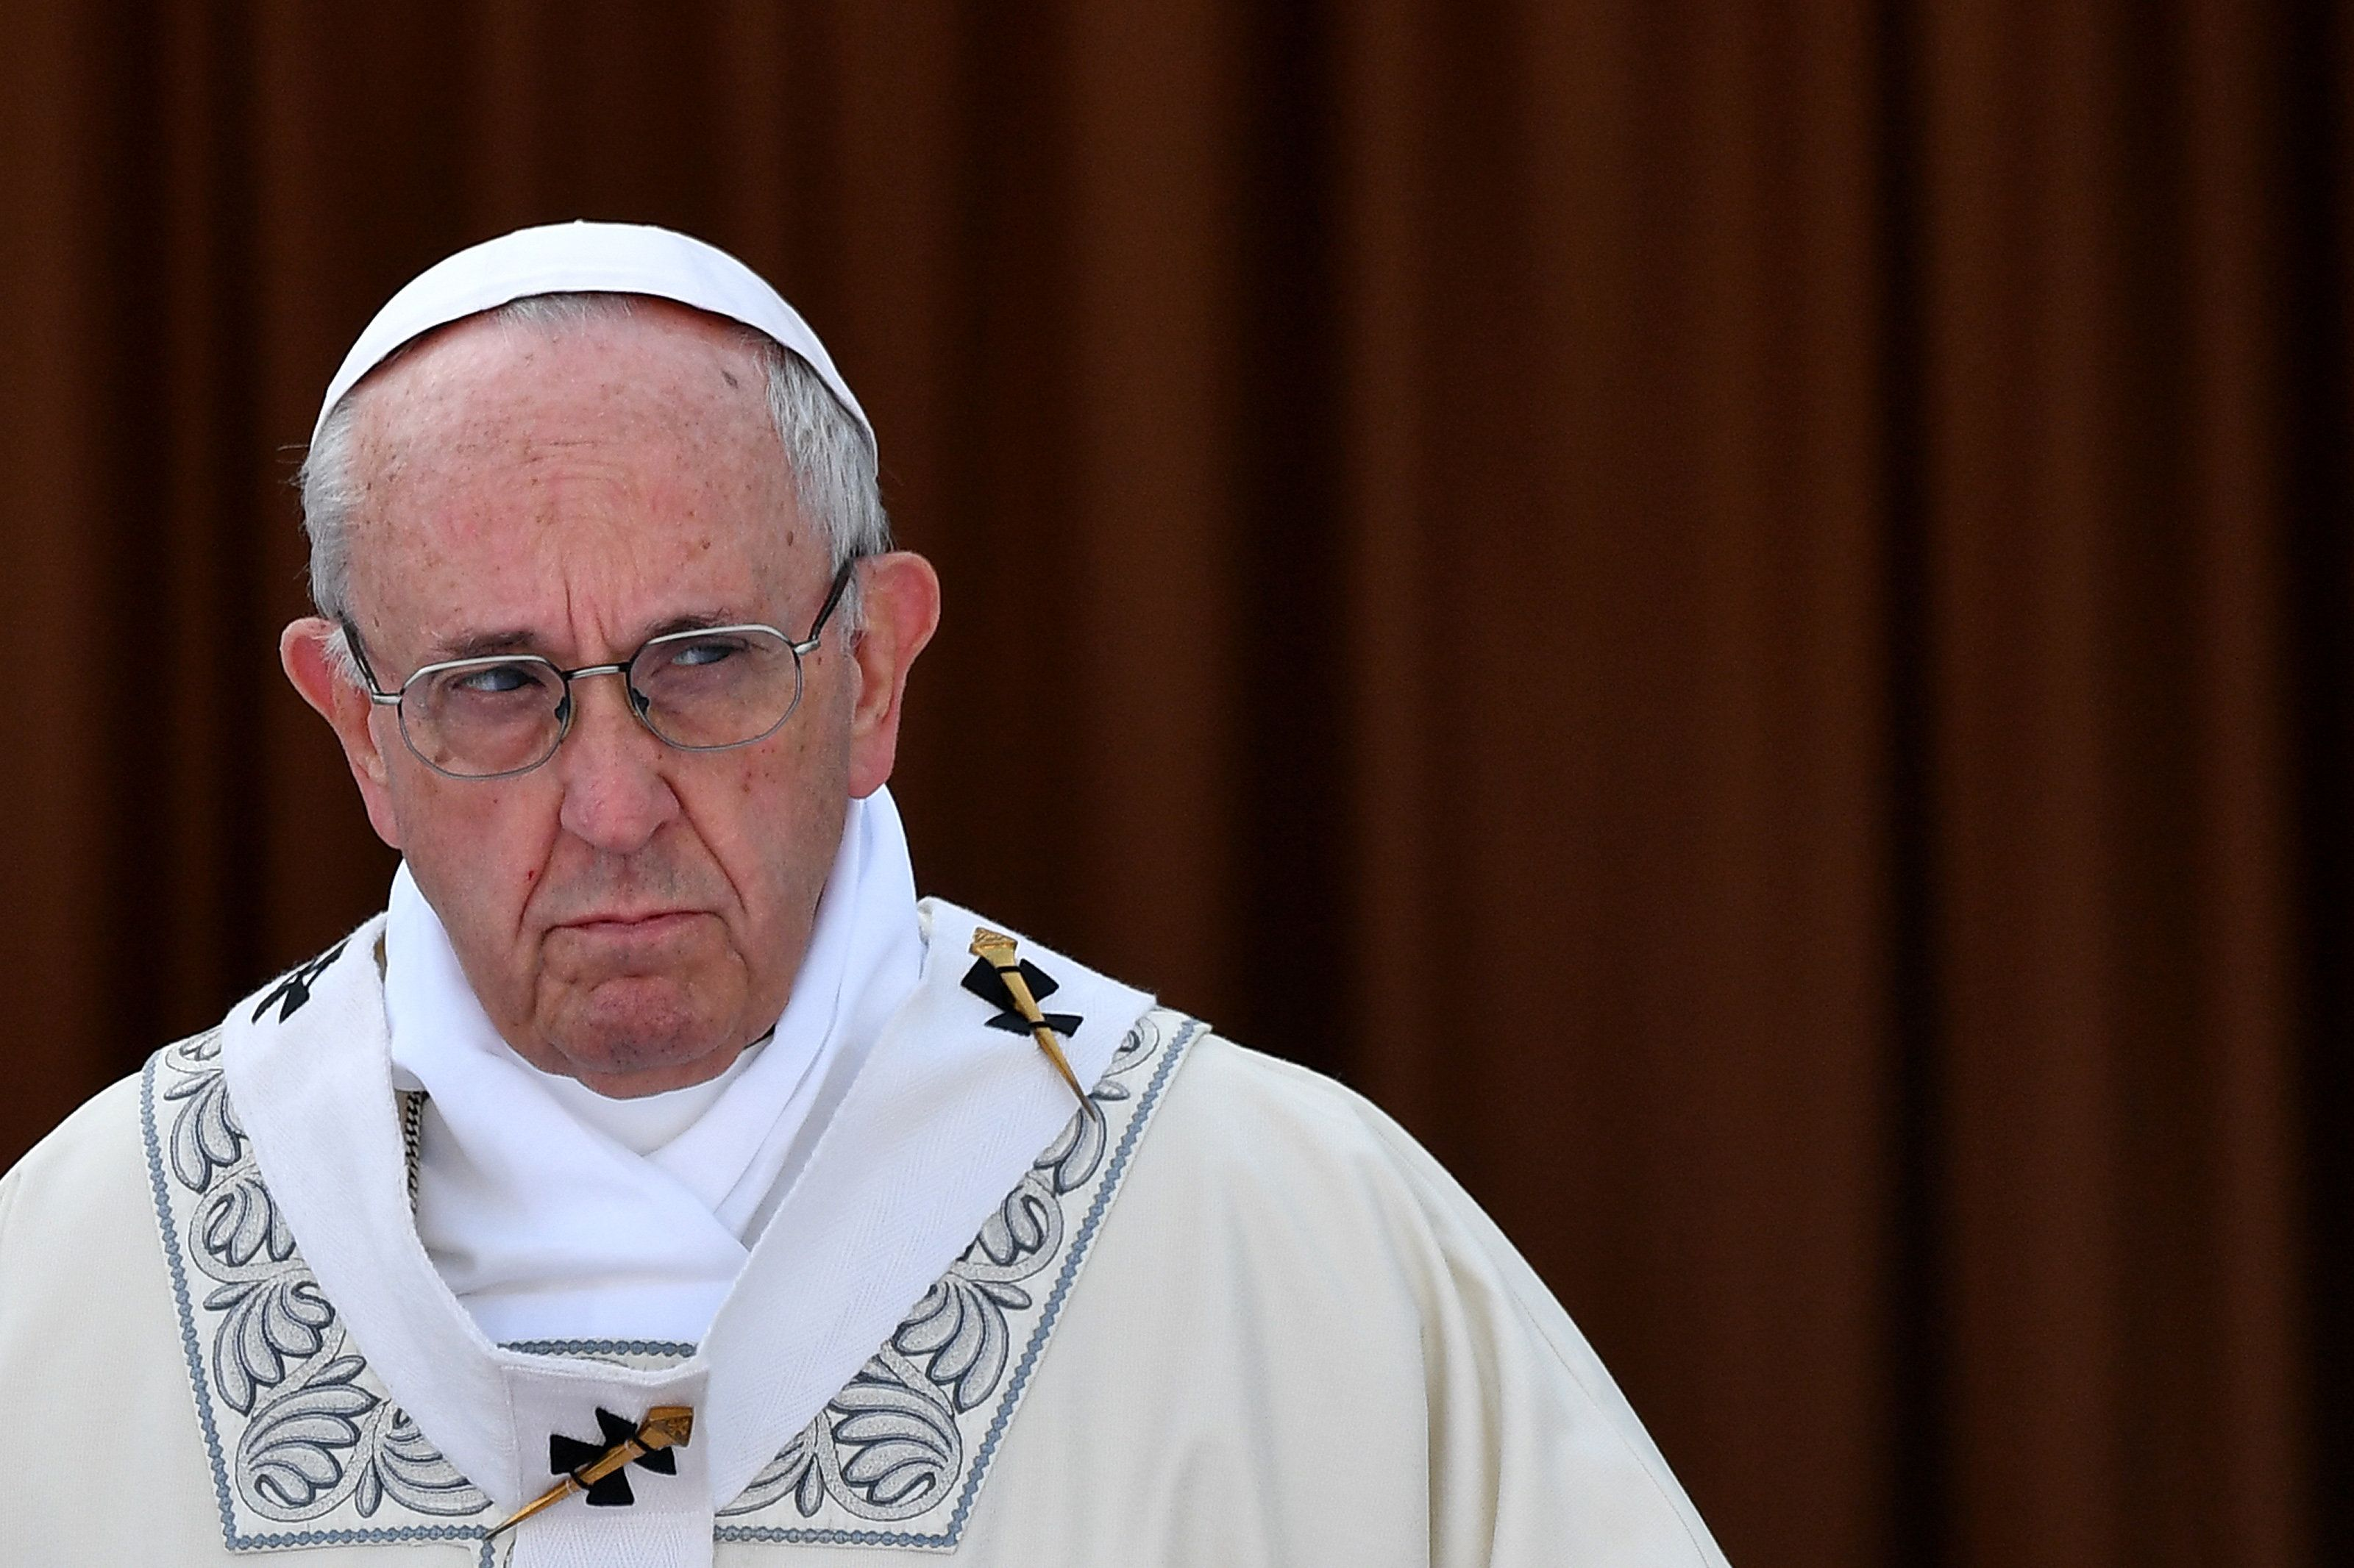 프란치스코 교황이 임신중단을 거세게